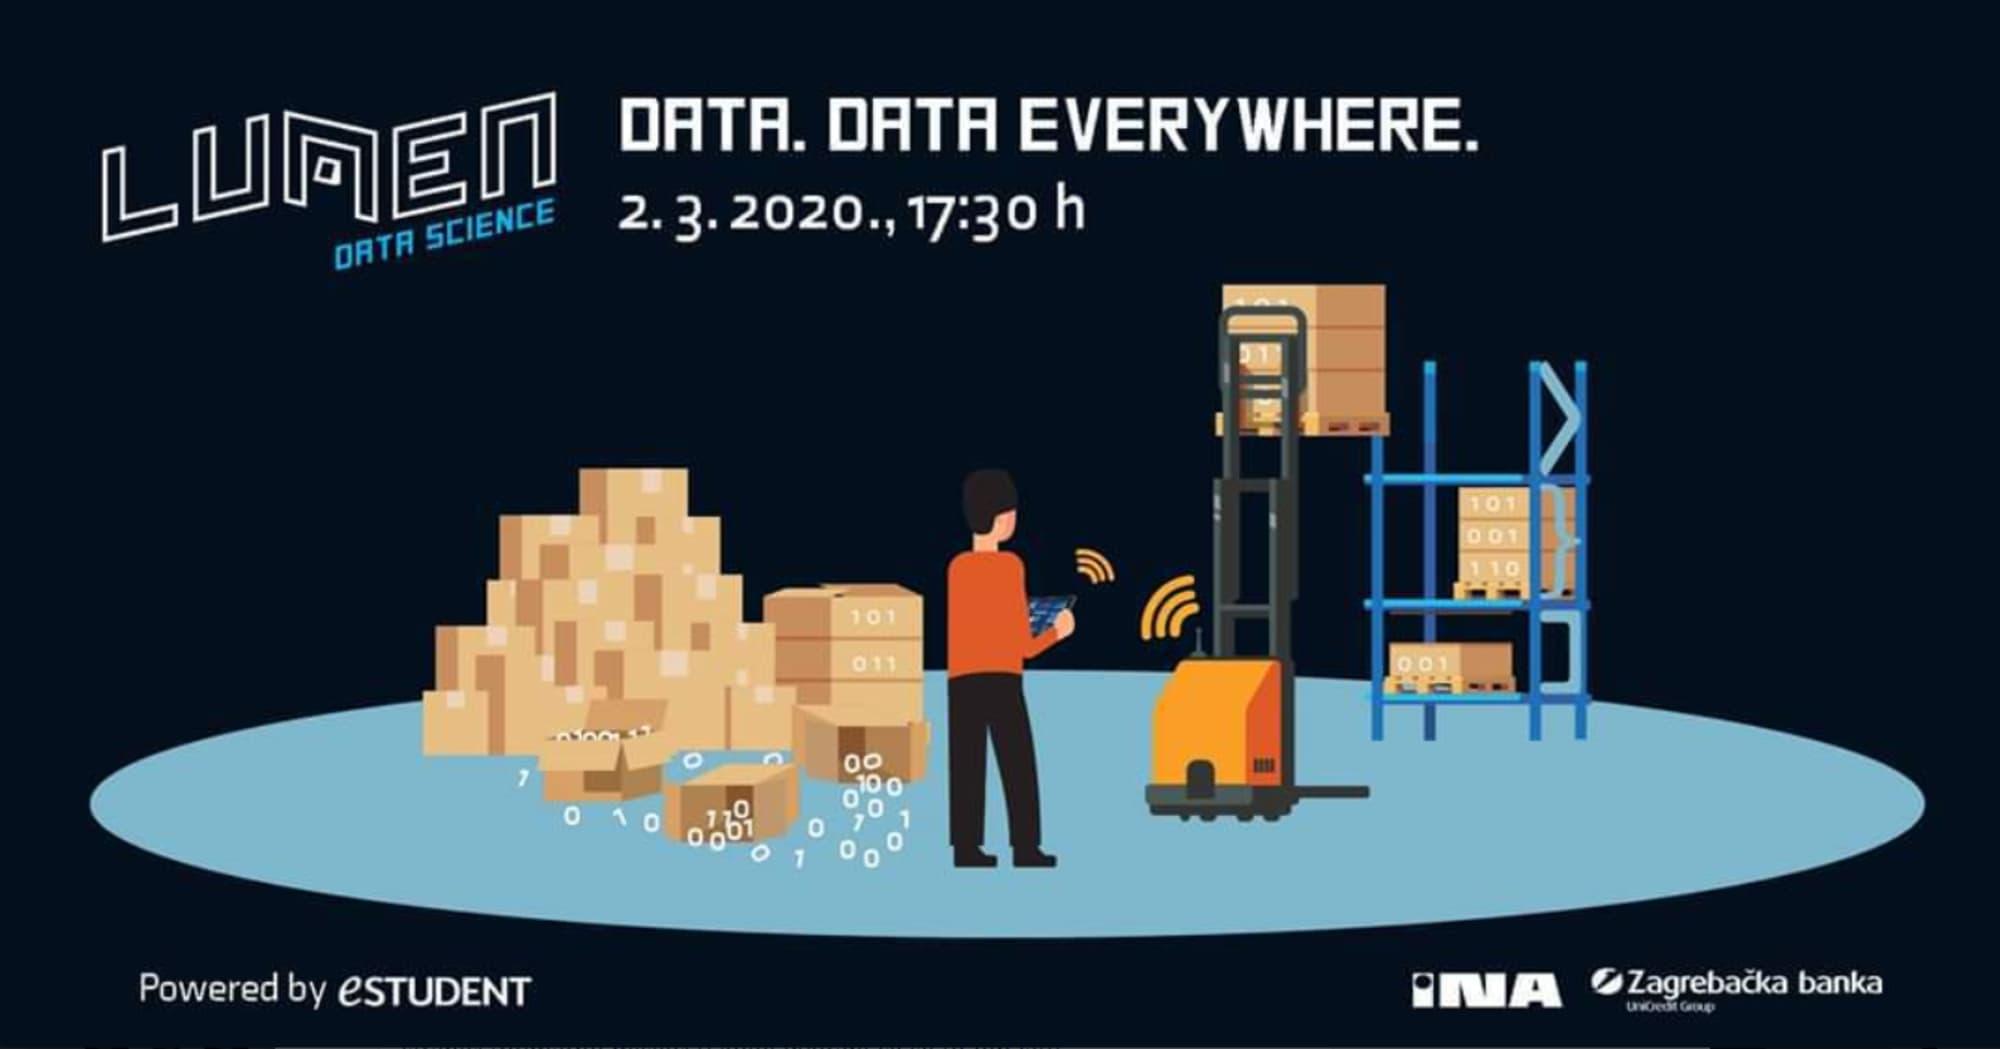 Bez problema barataš podacima, a analitika i statistika su ti u malome prstu? Data te čeka!